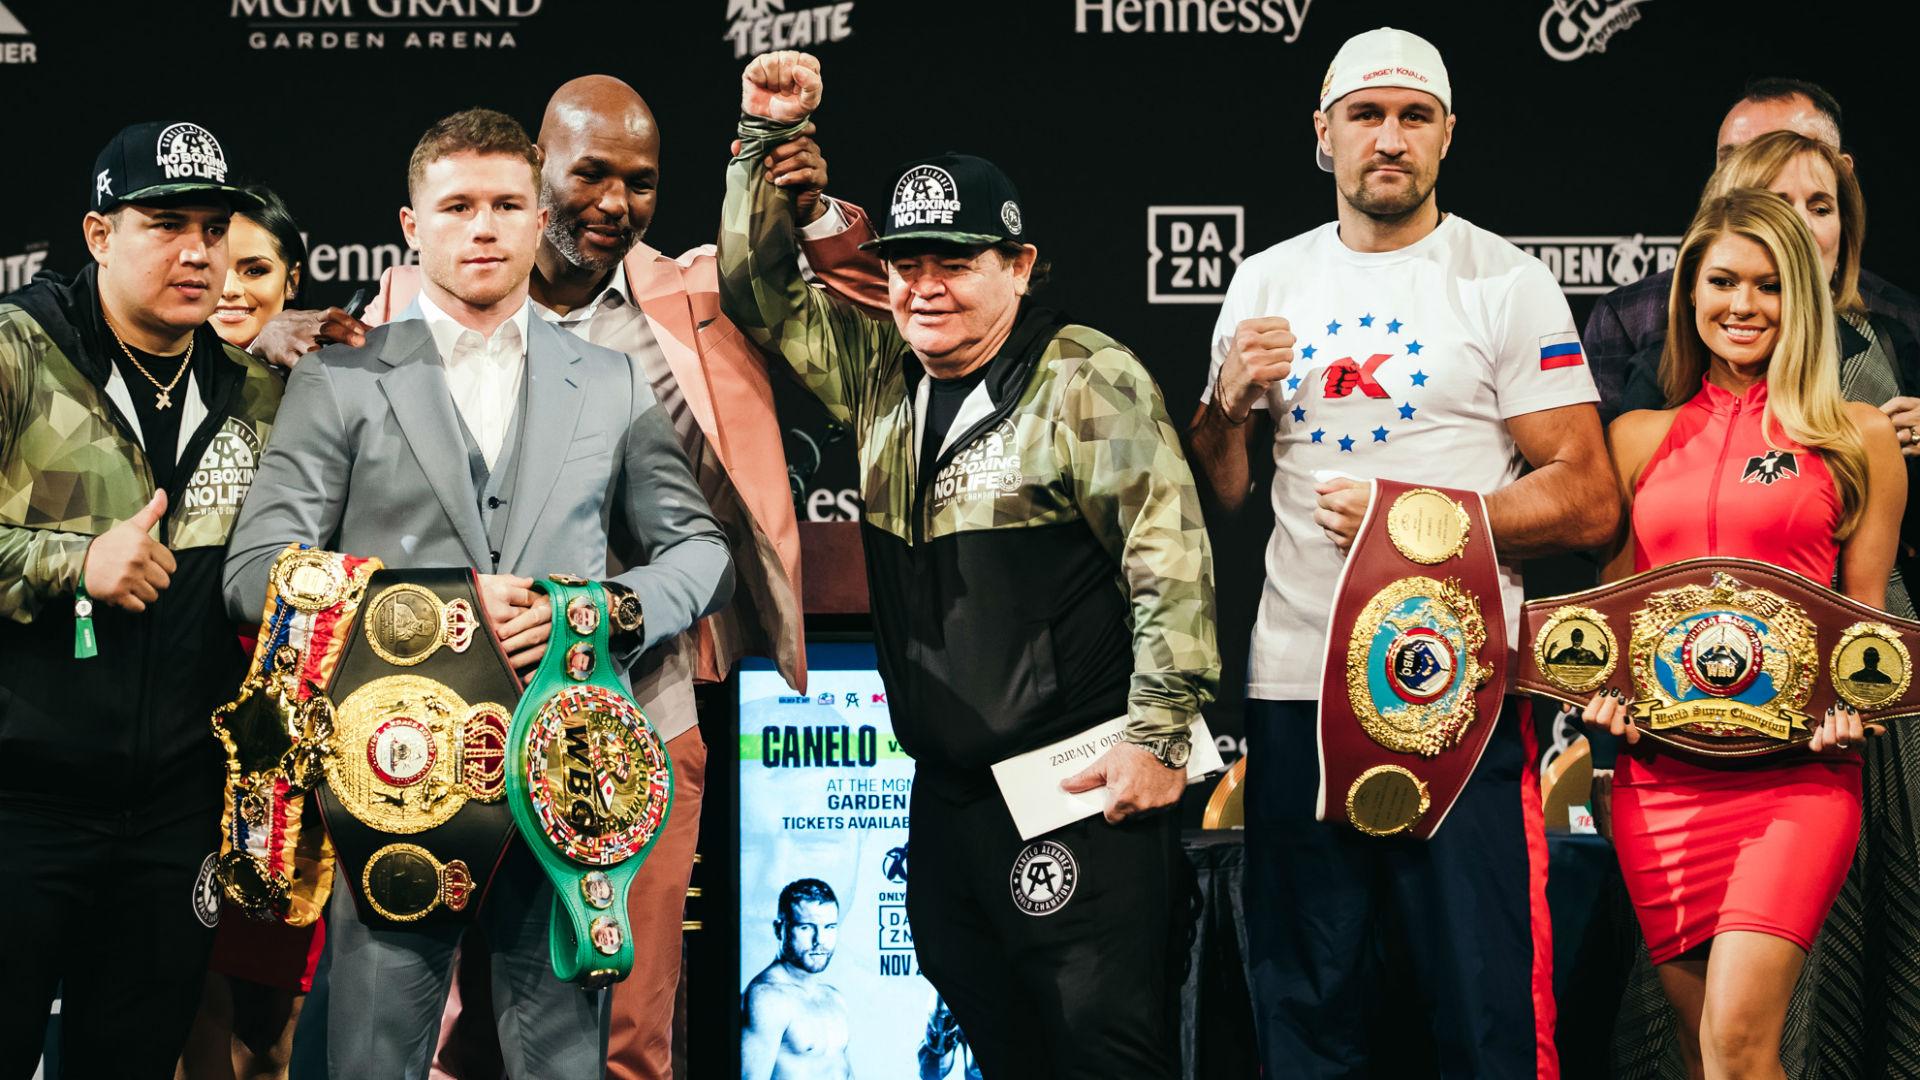 canelo and kovalev fight